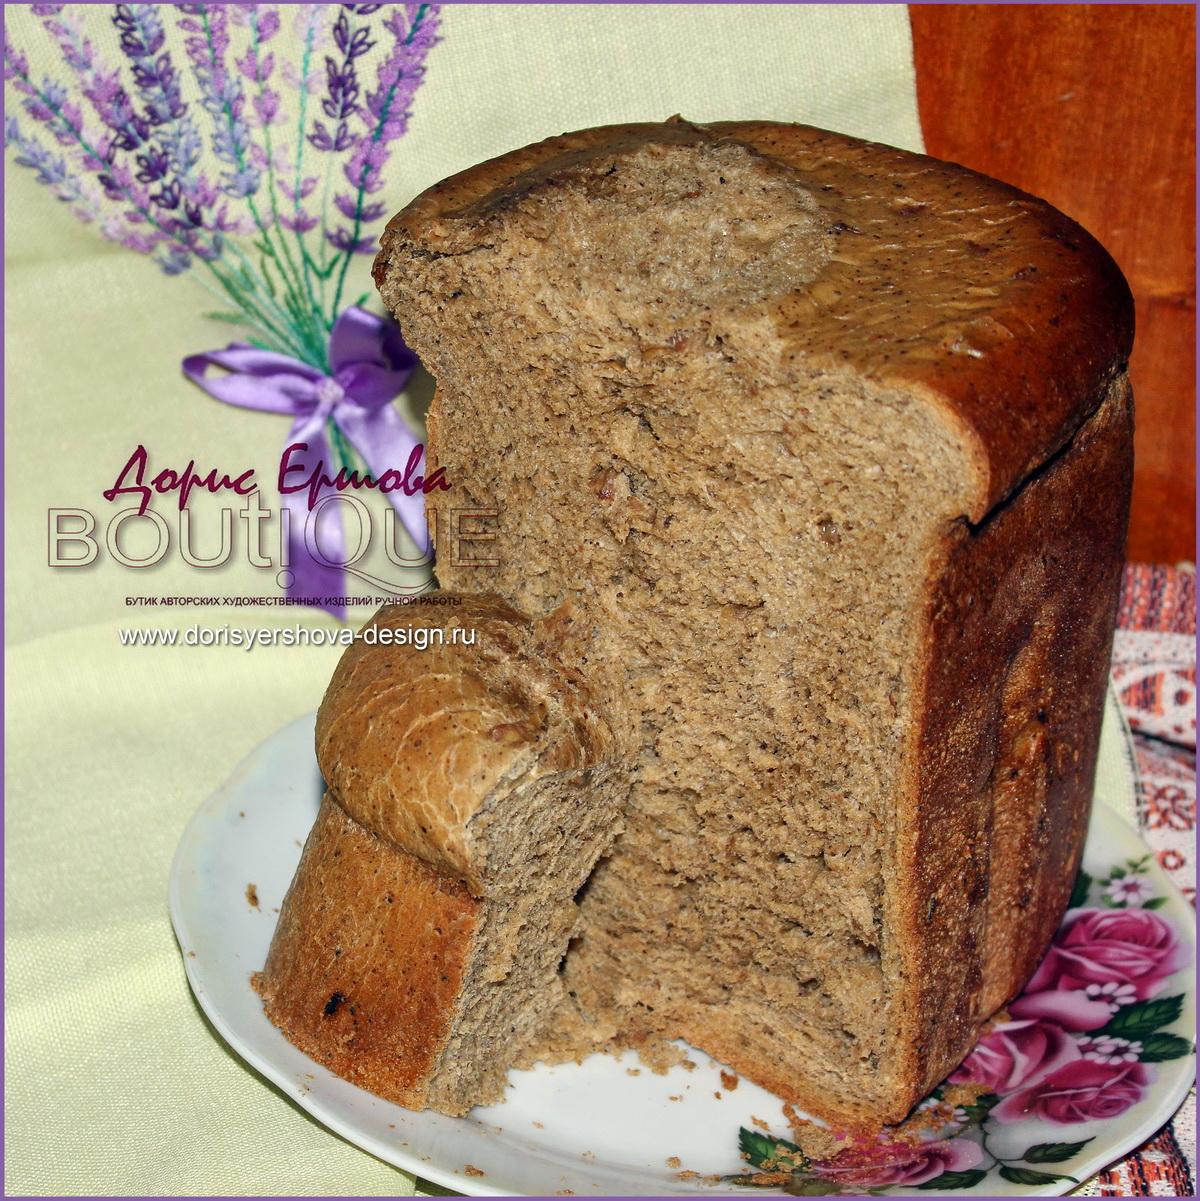 хлеб из хлебопечки. фото Дорис Ершова